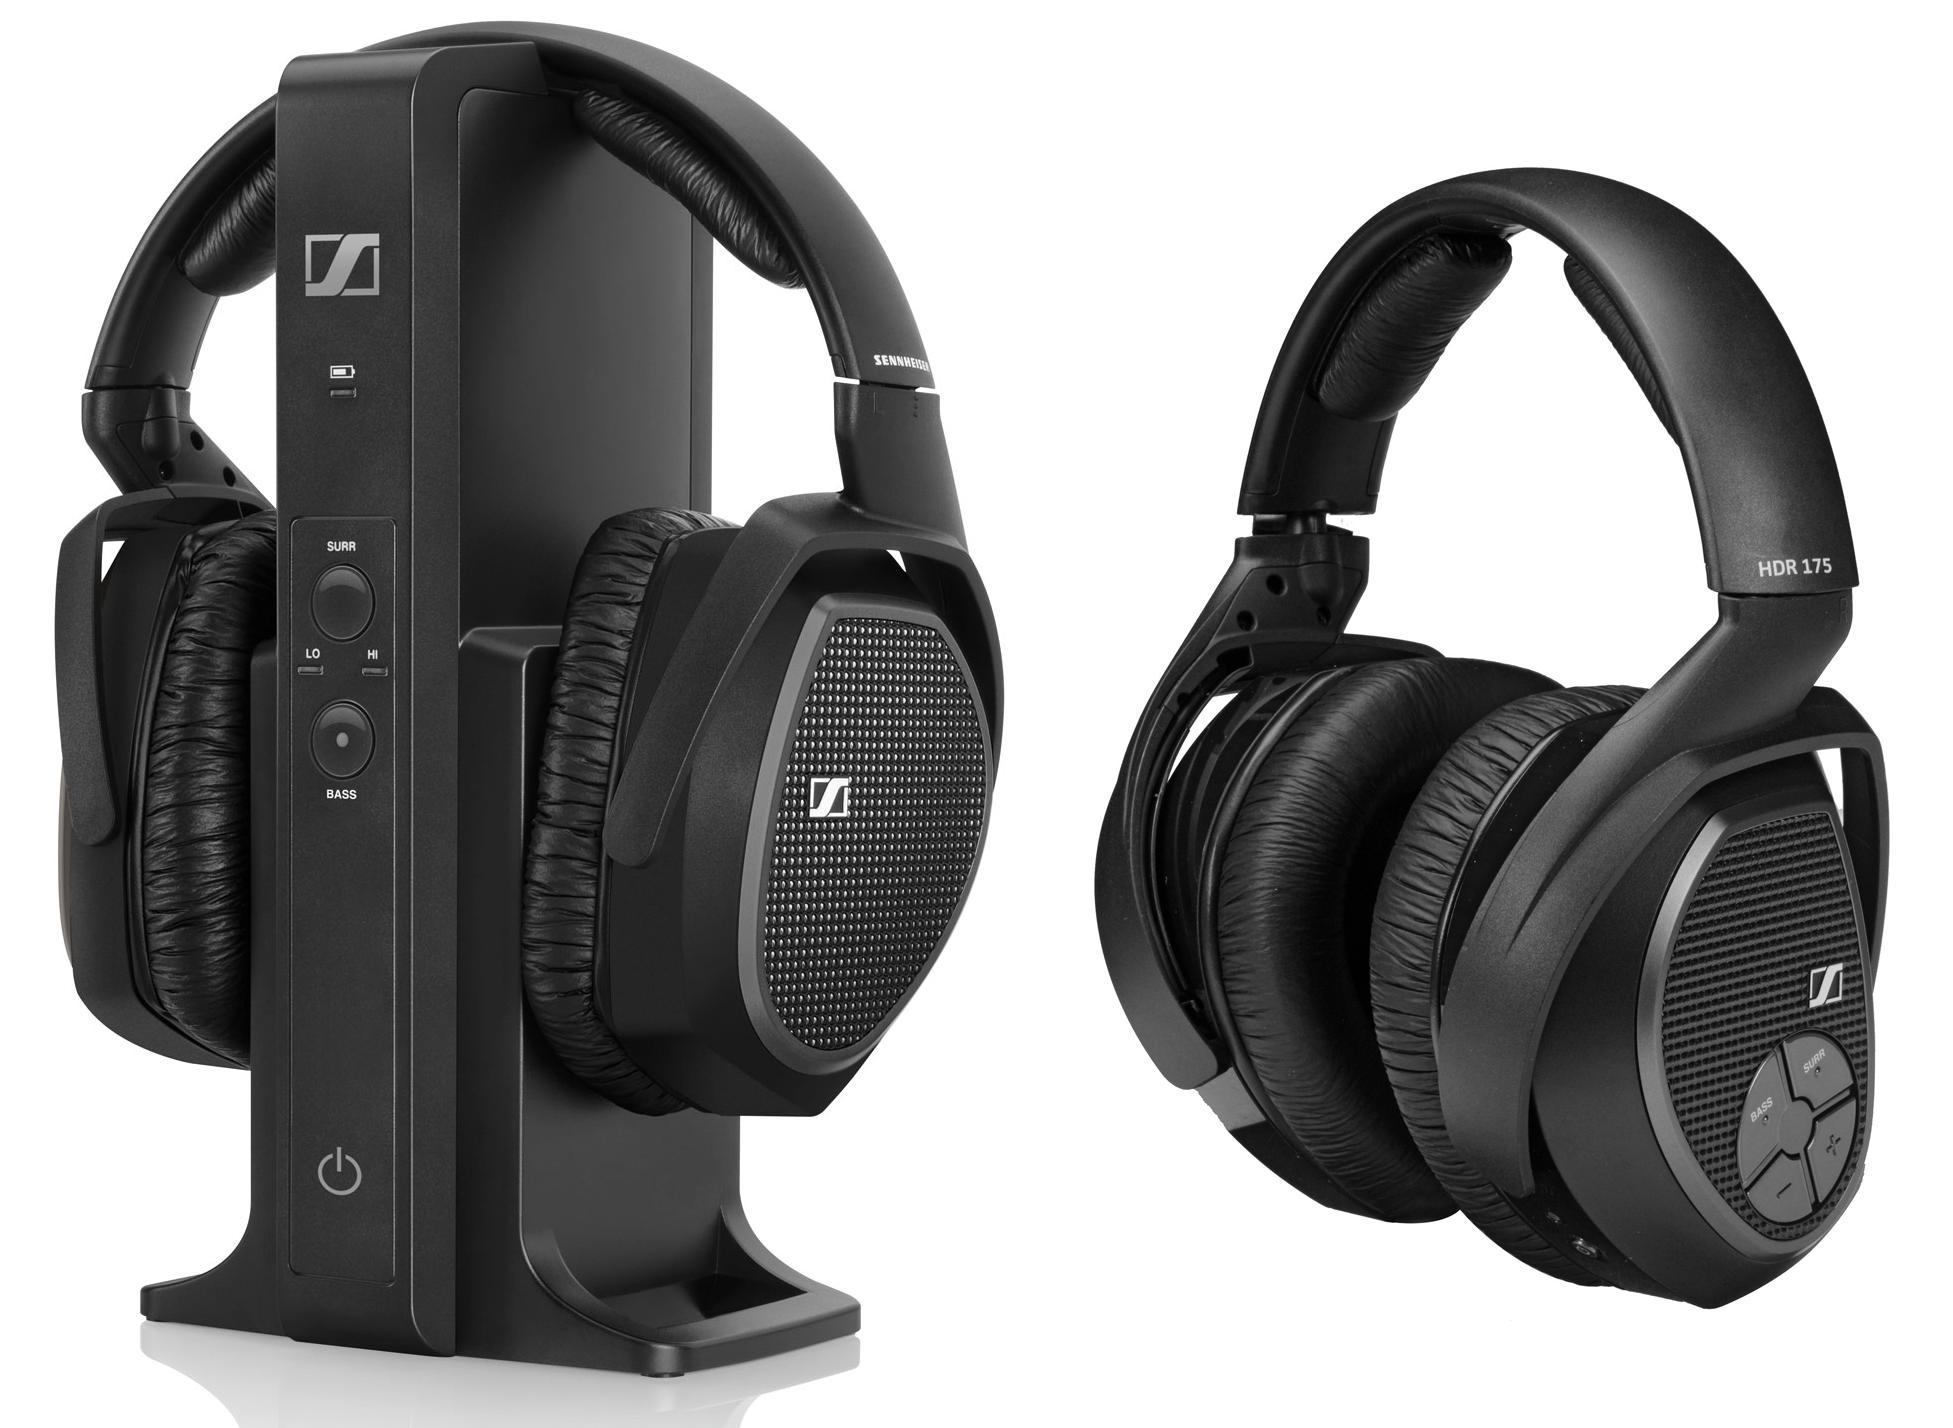 Pack Casque Hi-Fi Sennheiser RS 175 sans fil + Casque Sennheiser HDR 175